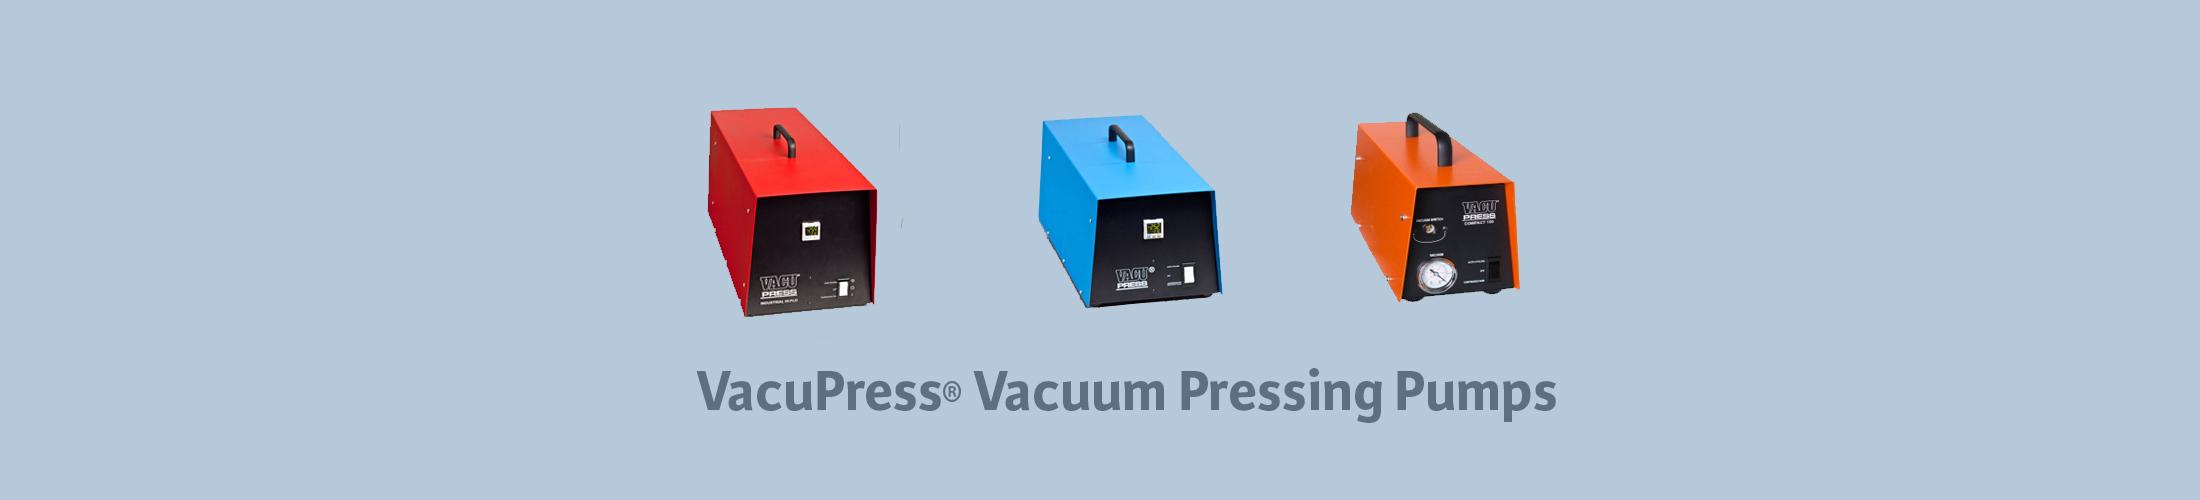 vacupress vacuum pressing pumps